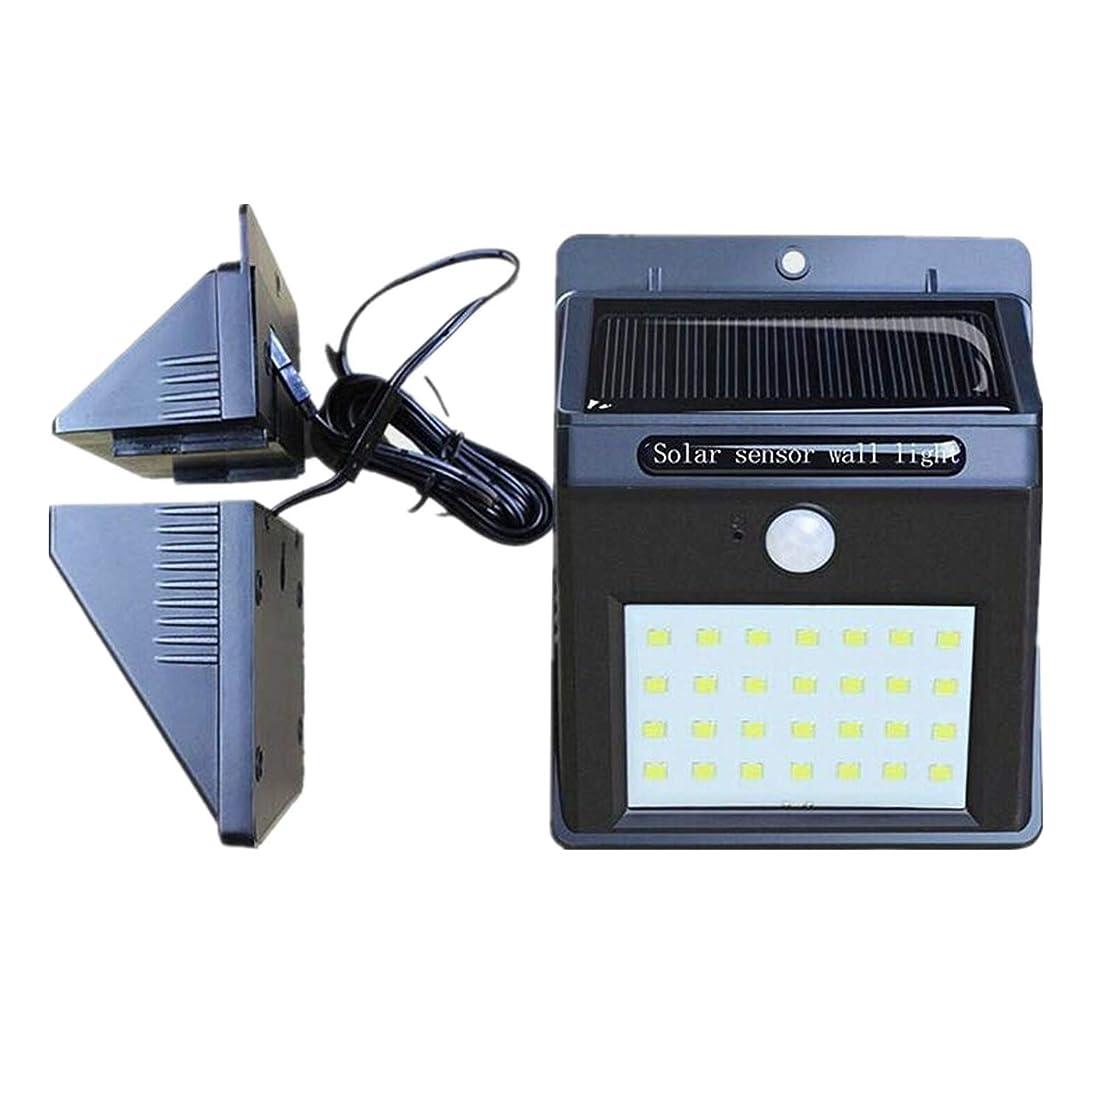 一緒に震え化石ソーラーライト 屋外 人感センサーセンサーライト 防水 高輝度 28 LED 屋外ウォールライト 防犯灯三つの点灯モード ソーラーパネルとライト分離型 玄関/駐車場/庭先 屋外照明